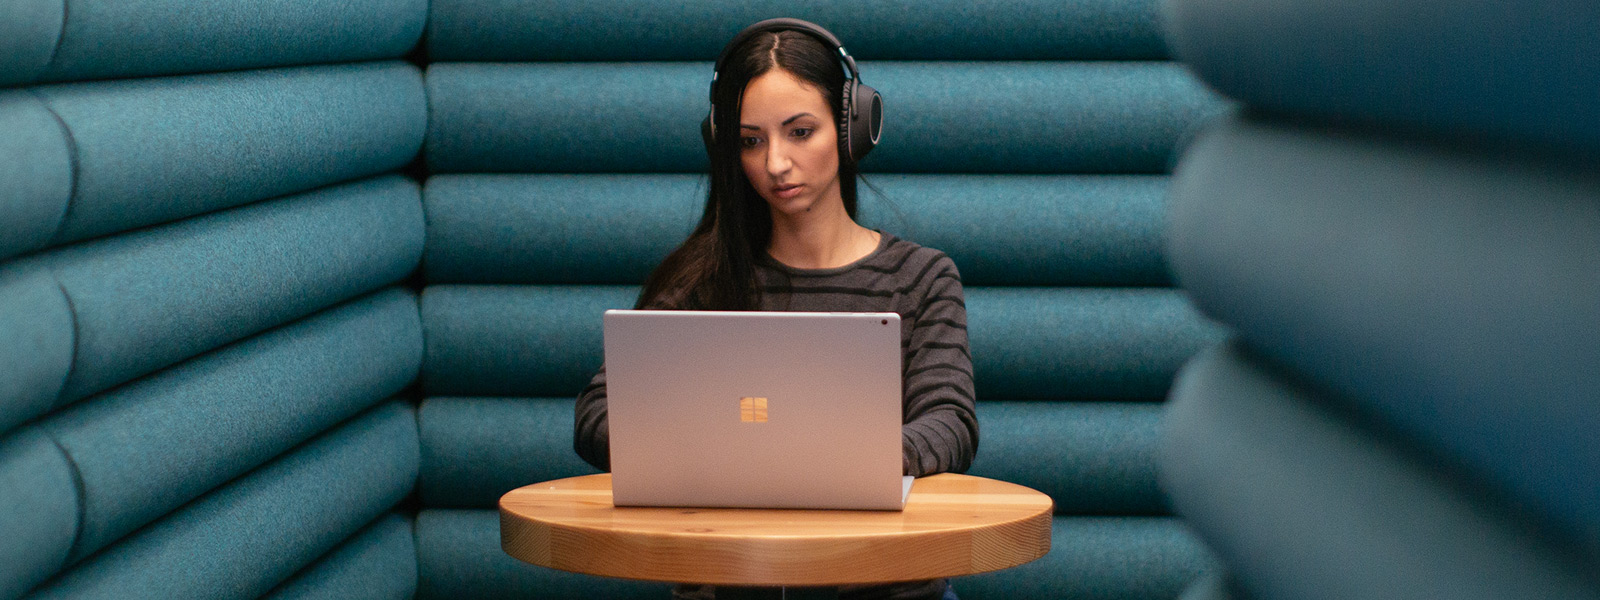 אישה יושבת בשקט לבד, עם אוזניות על ראשה, בעודה עובדת על מחשב עם Windows 10